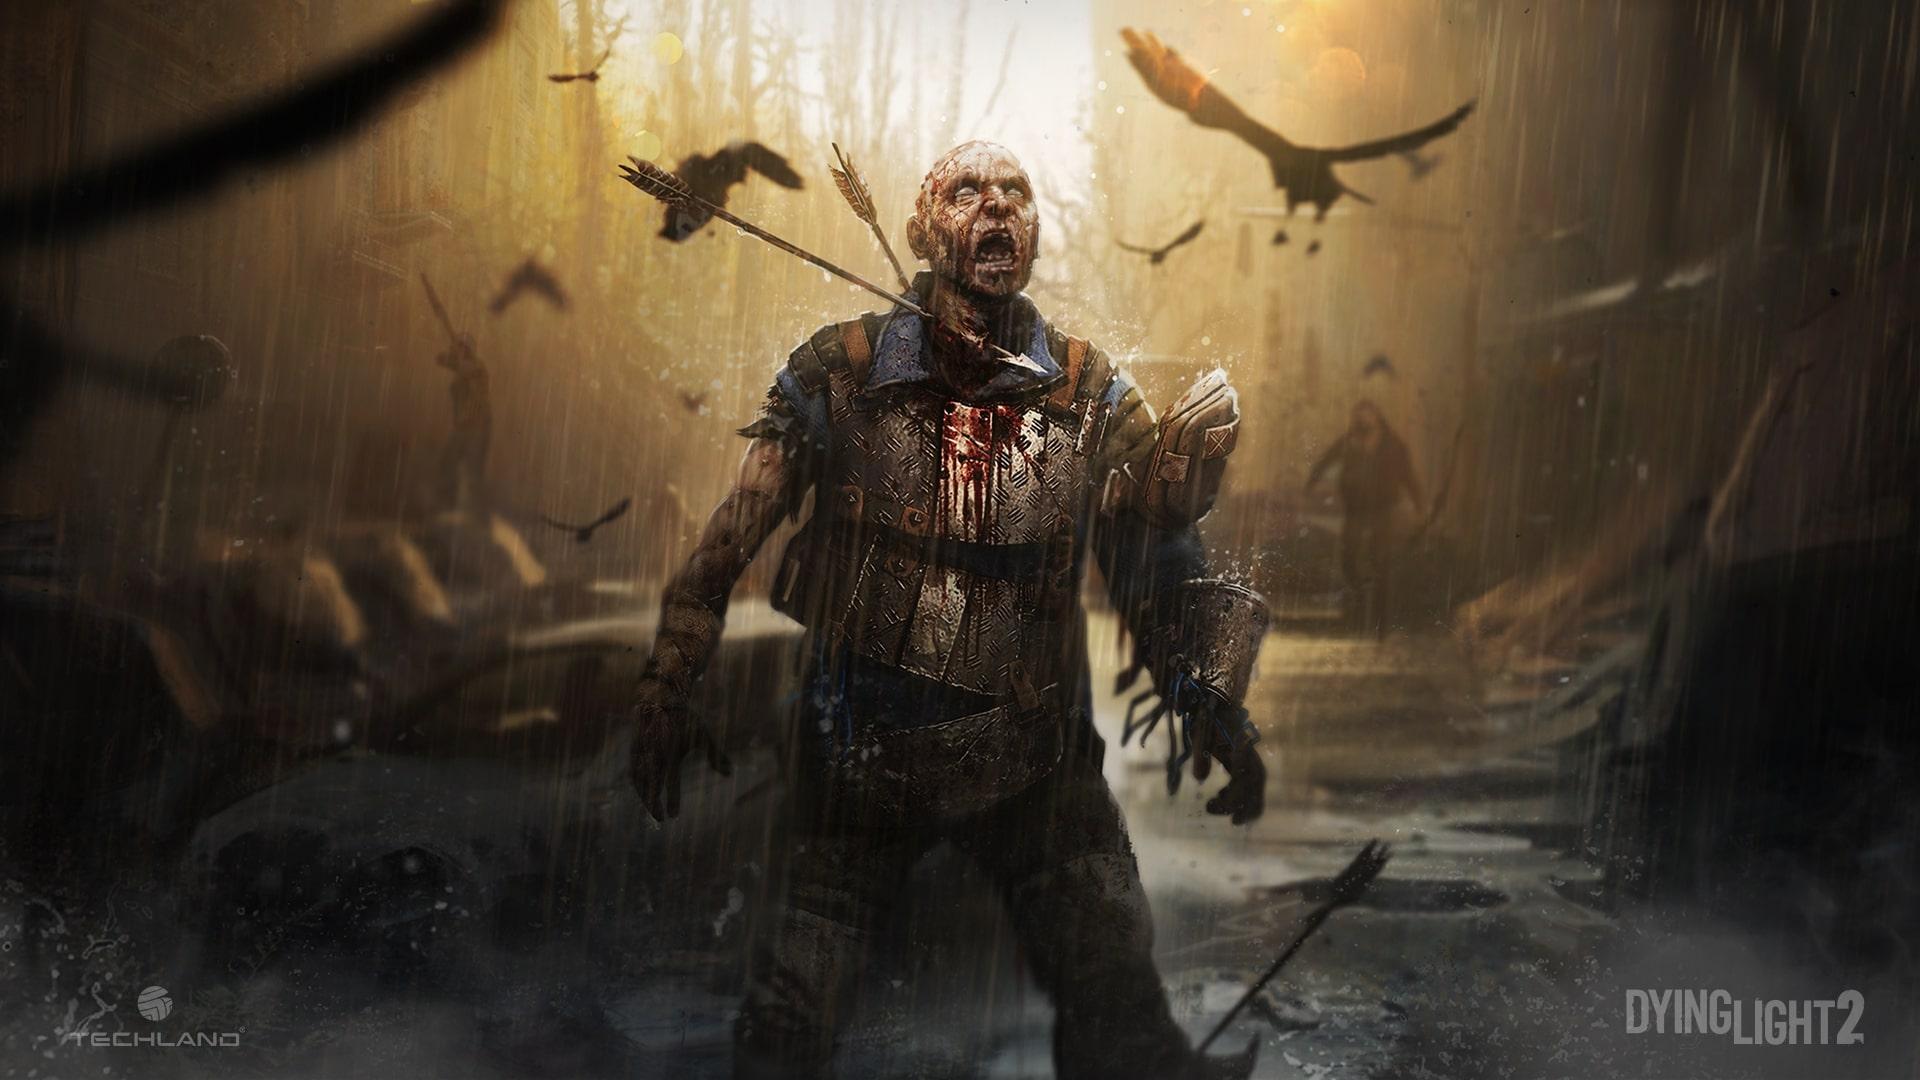 Sigue aumentando la lista de juegos retrasados, ahora Dying Light 2 no tiene fecha de salida